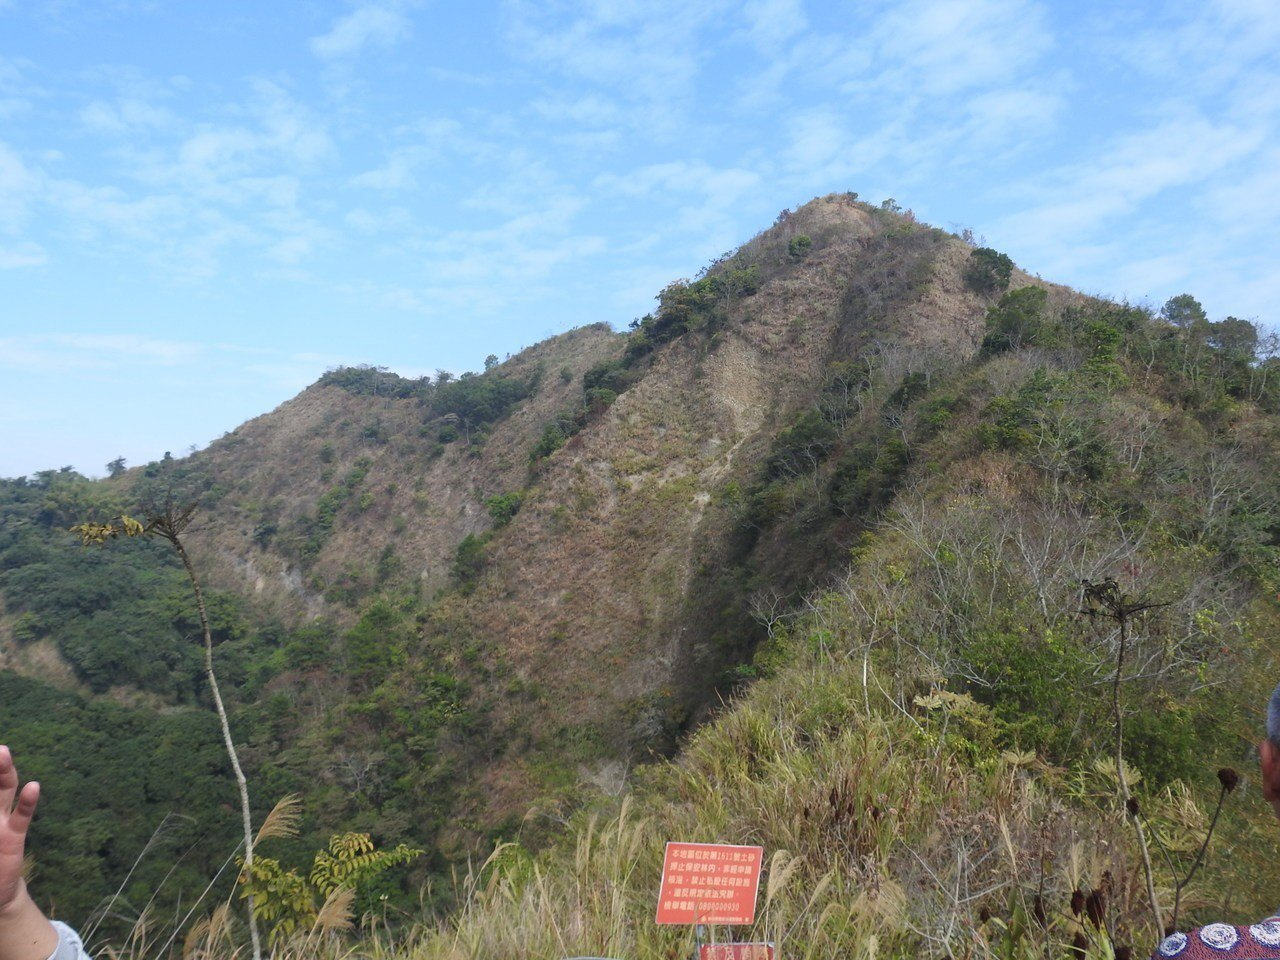 南投縣草屯九九峰是縣內知名的美麗山脈,但目前透過空拍機才能全面鳥瞰美景,縣府因此...